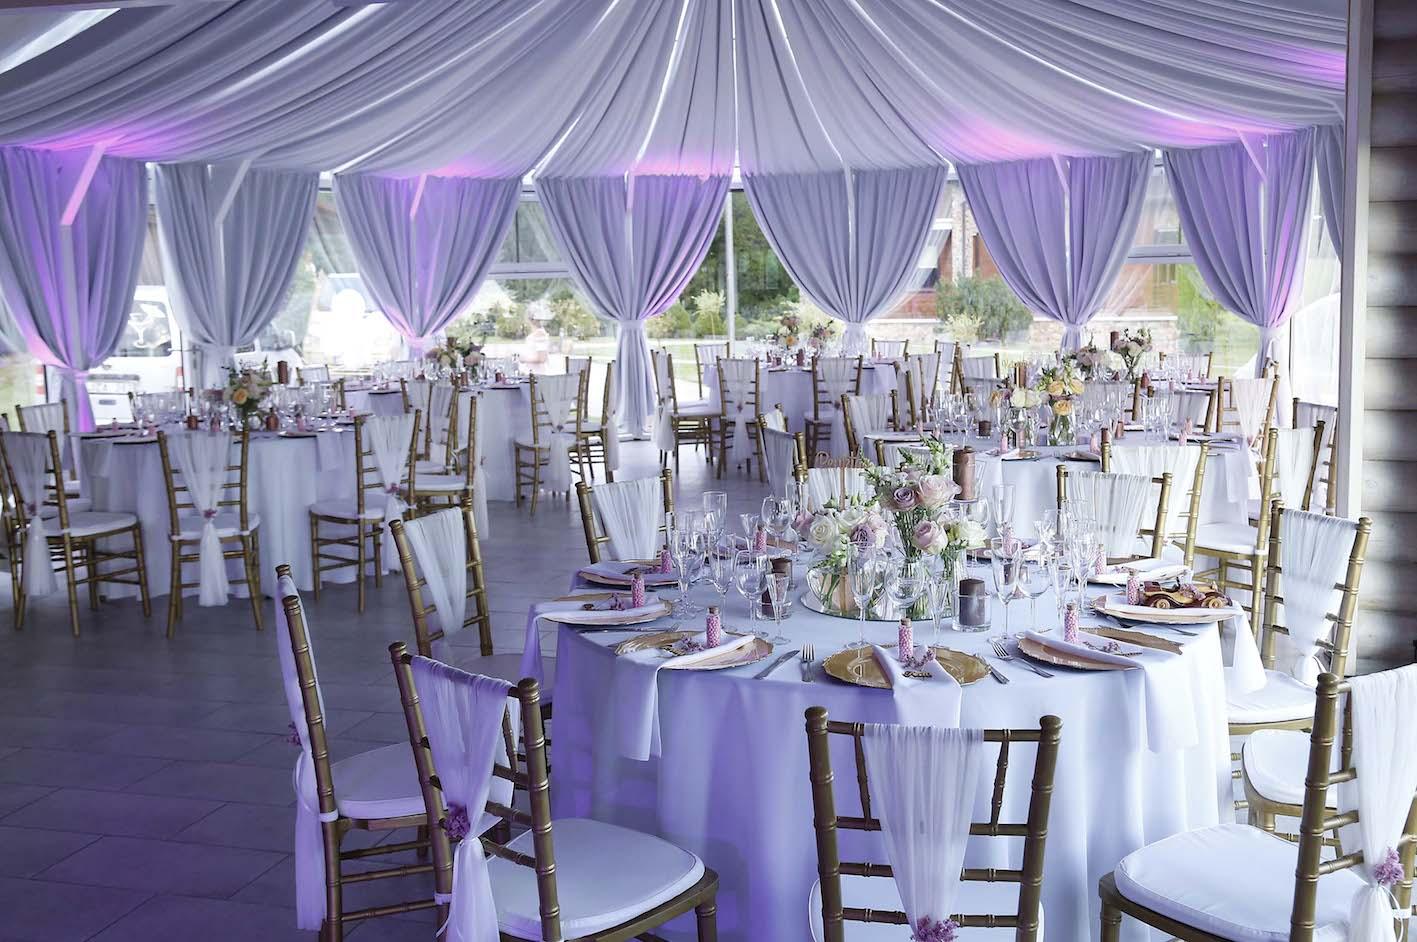 Pas Sestoka wedding venue vieta vestuvems